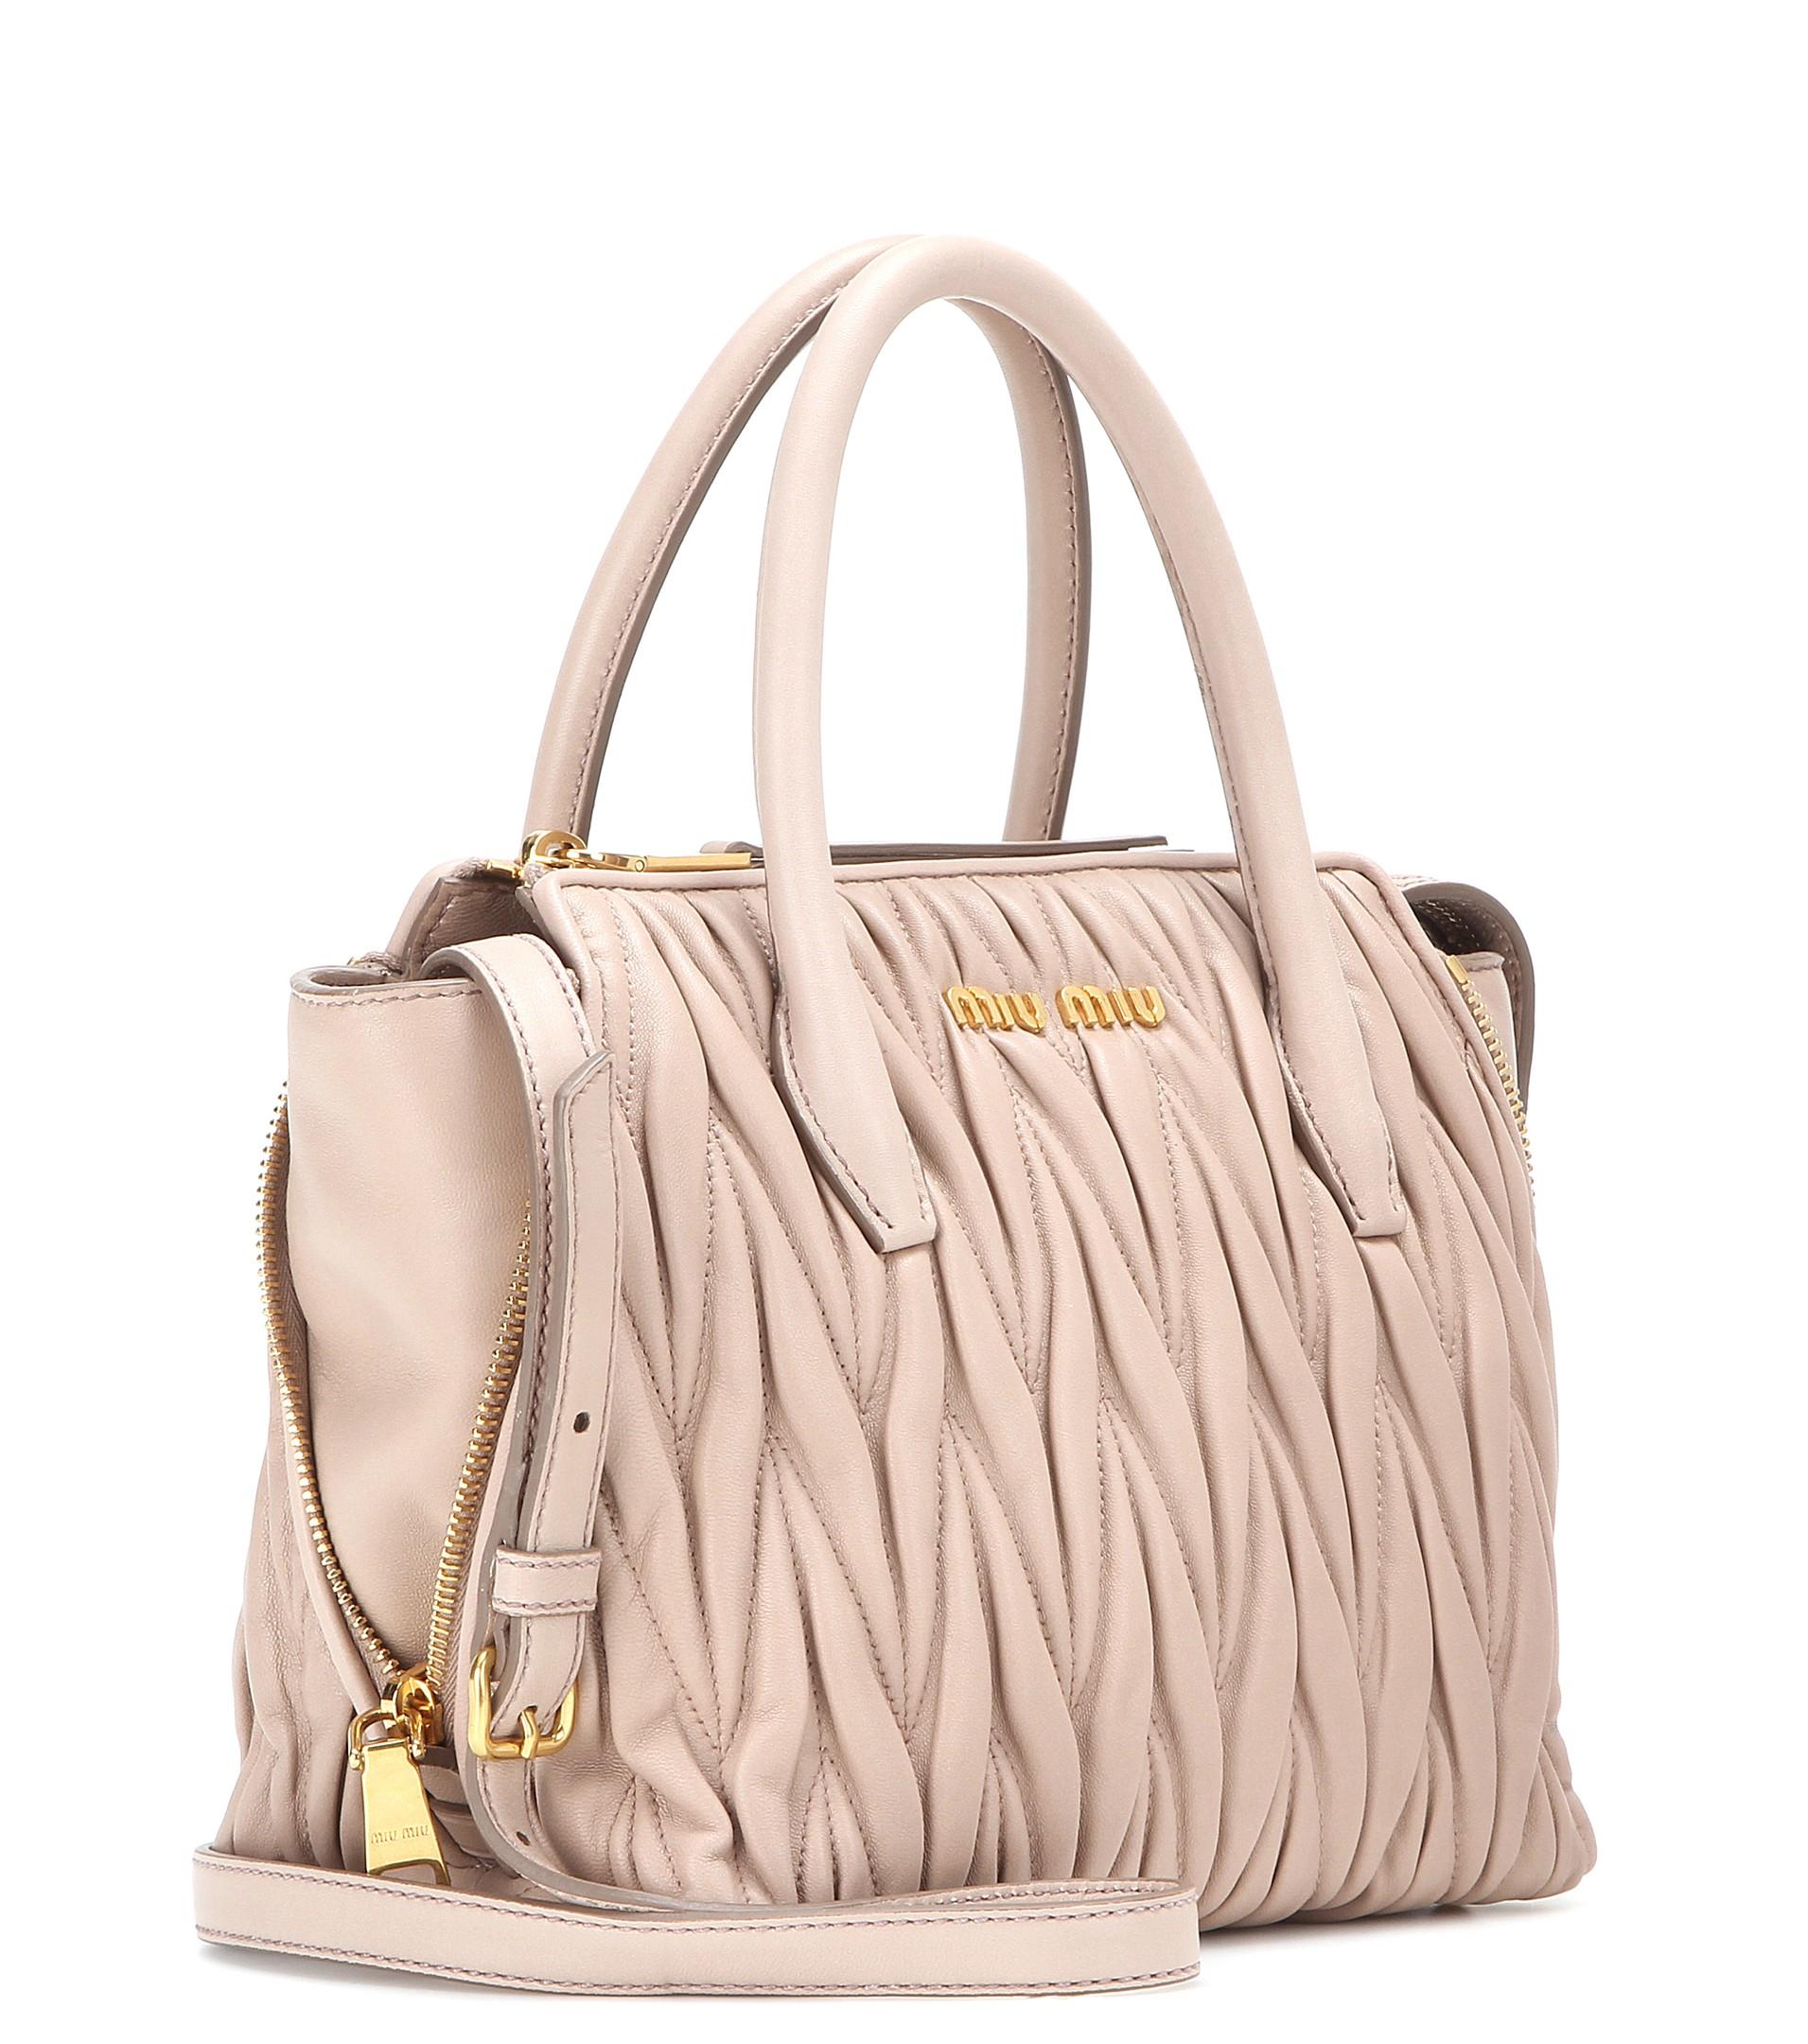 Lyst - Miu Miu Matelassé Leather Tote in Pink 3c001699c